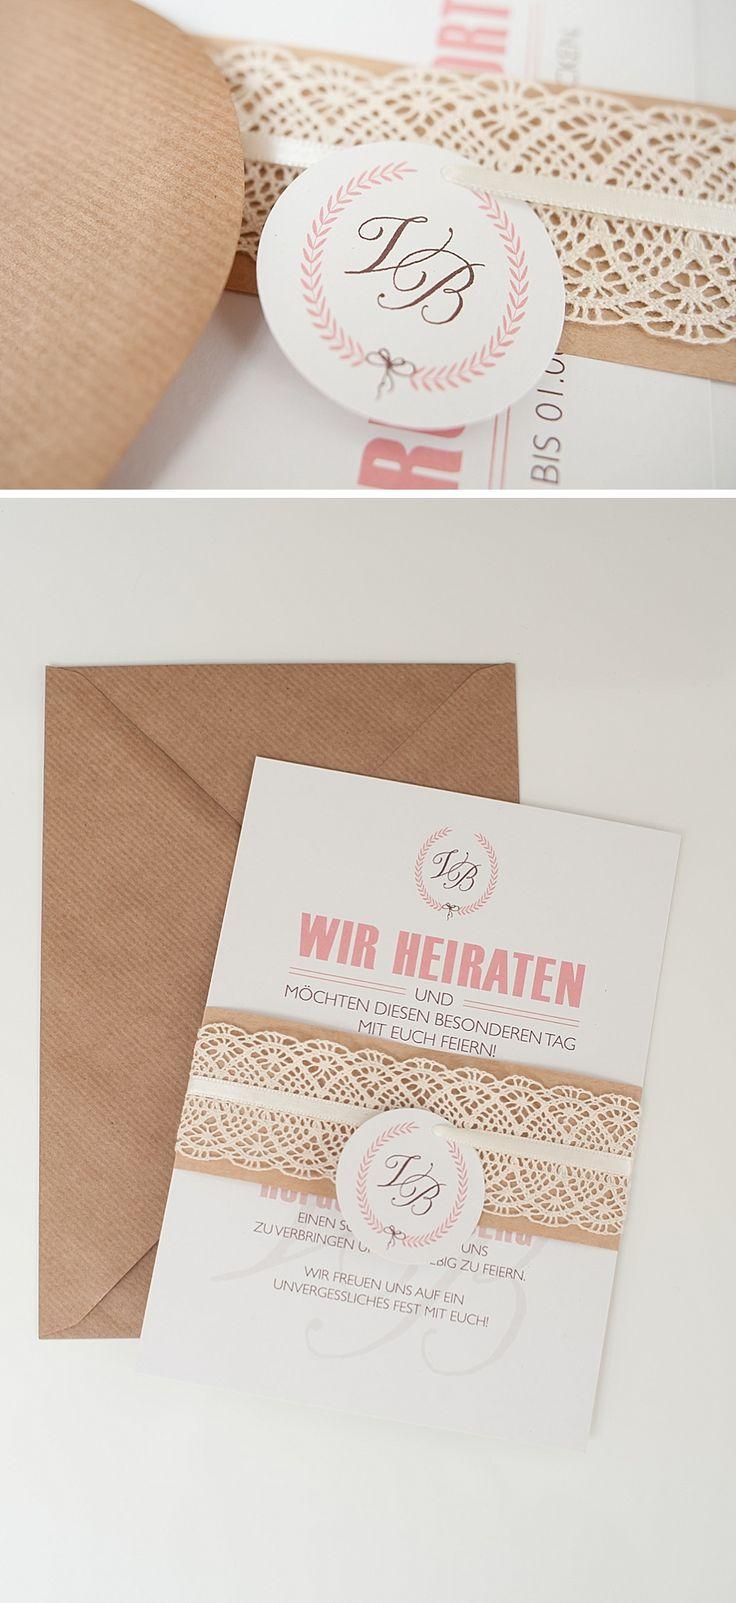 Hochzeitseinladung Im Vintage Stil, Kraftpapier, Spitze, Hangtag,  Recyclingpapier. Einladungskarten HochzeitHochzeitseinladung ...